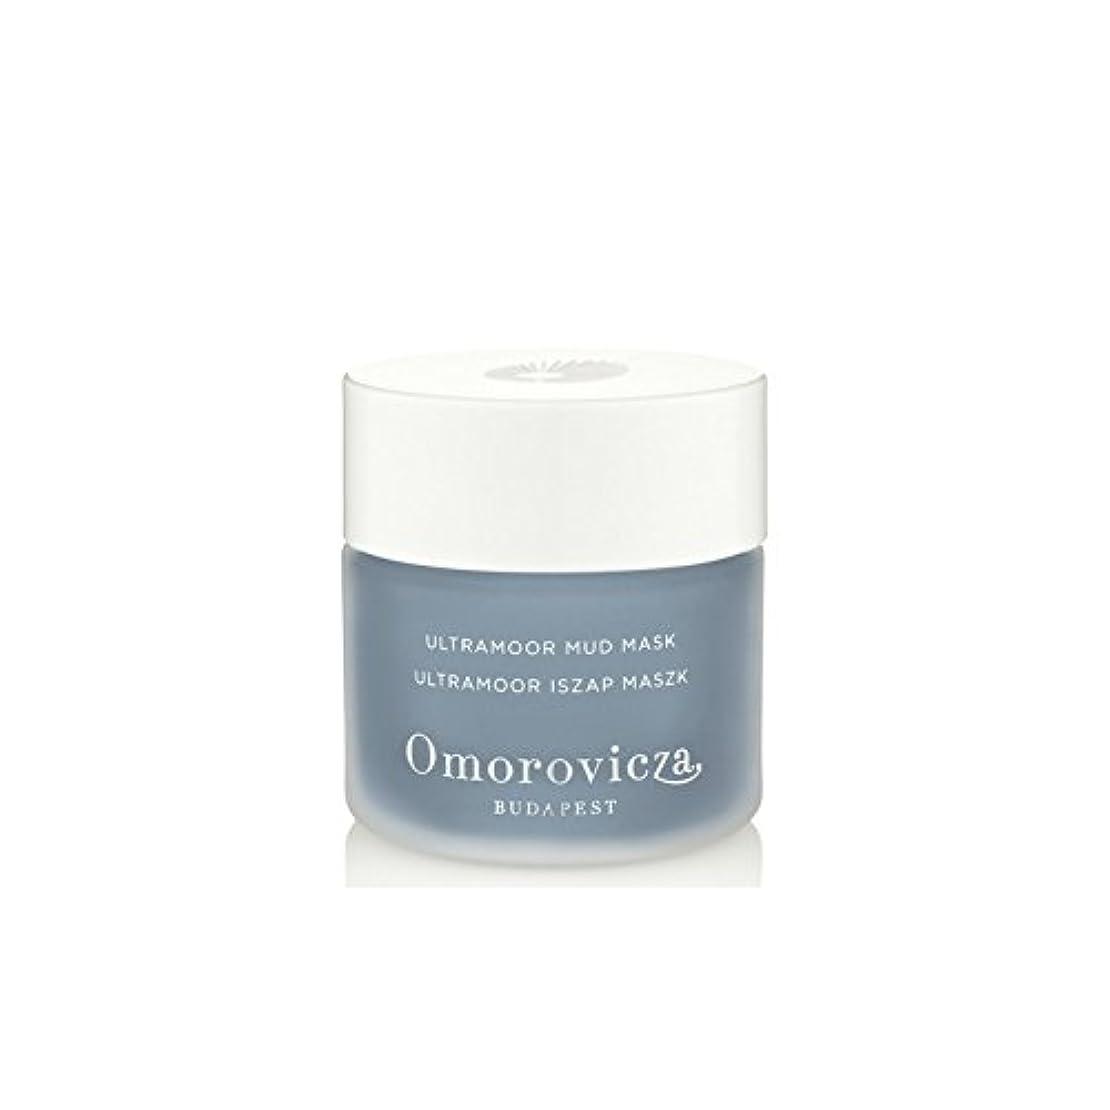 肌寒いブラケットレオナルドダ泥マスク(50ミリリットル) x2 - Omorovicza Ultramoor Mud Mask (50ml) (Pack of 2) [並行輸入品]